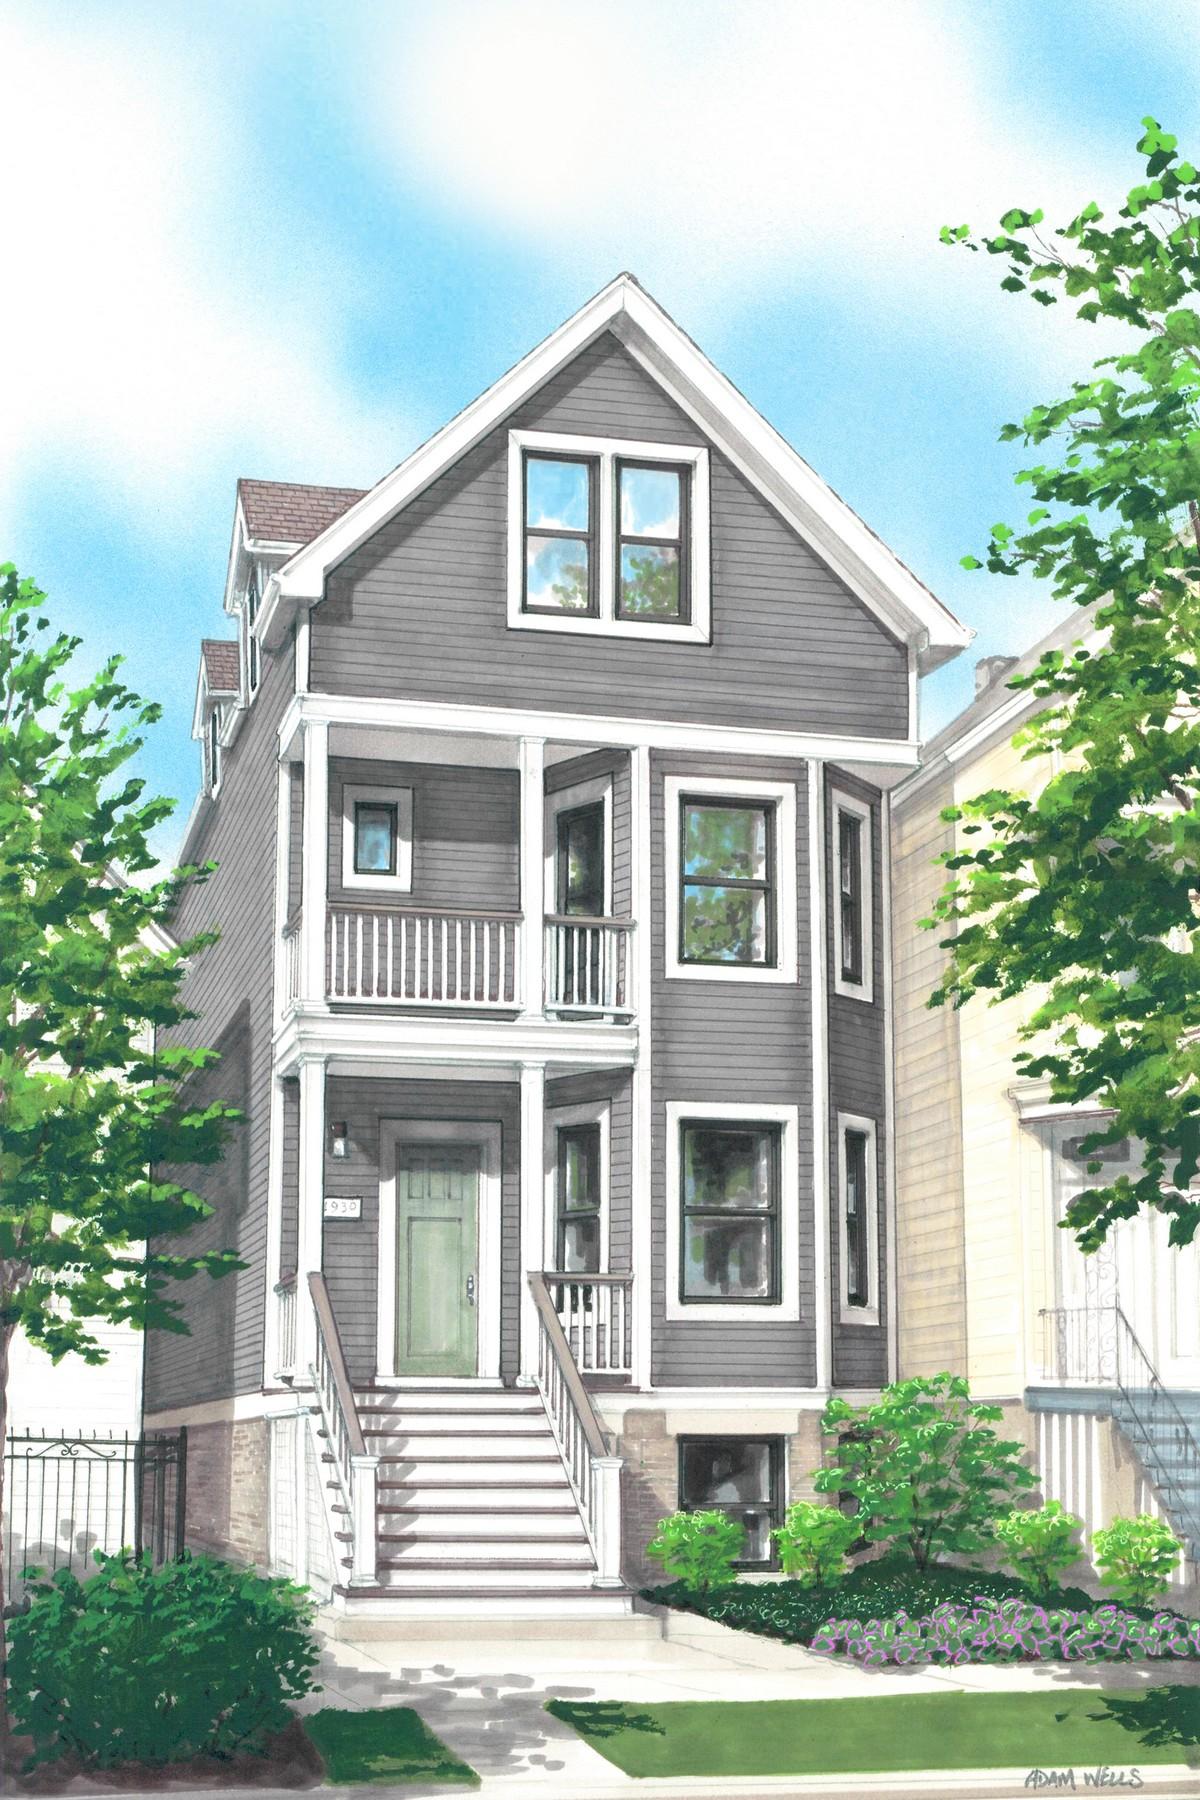 一戸建て のために 売買 アット Elegant New Home 1930 W Henderson Avenue North Center, Chicago, イリノイ, 60657 アメリカ合衆国